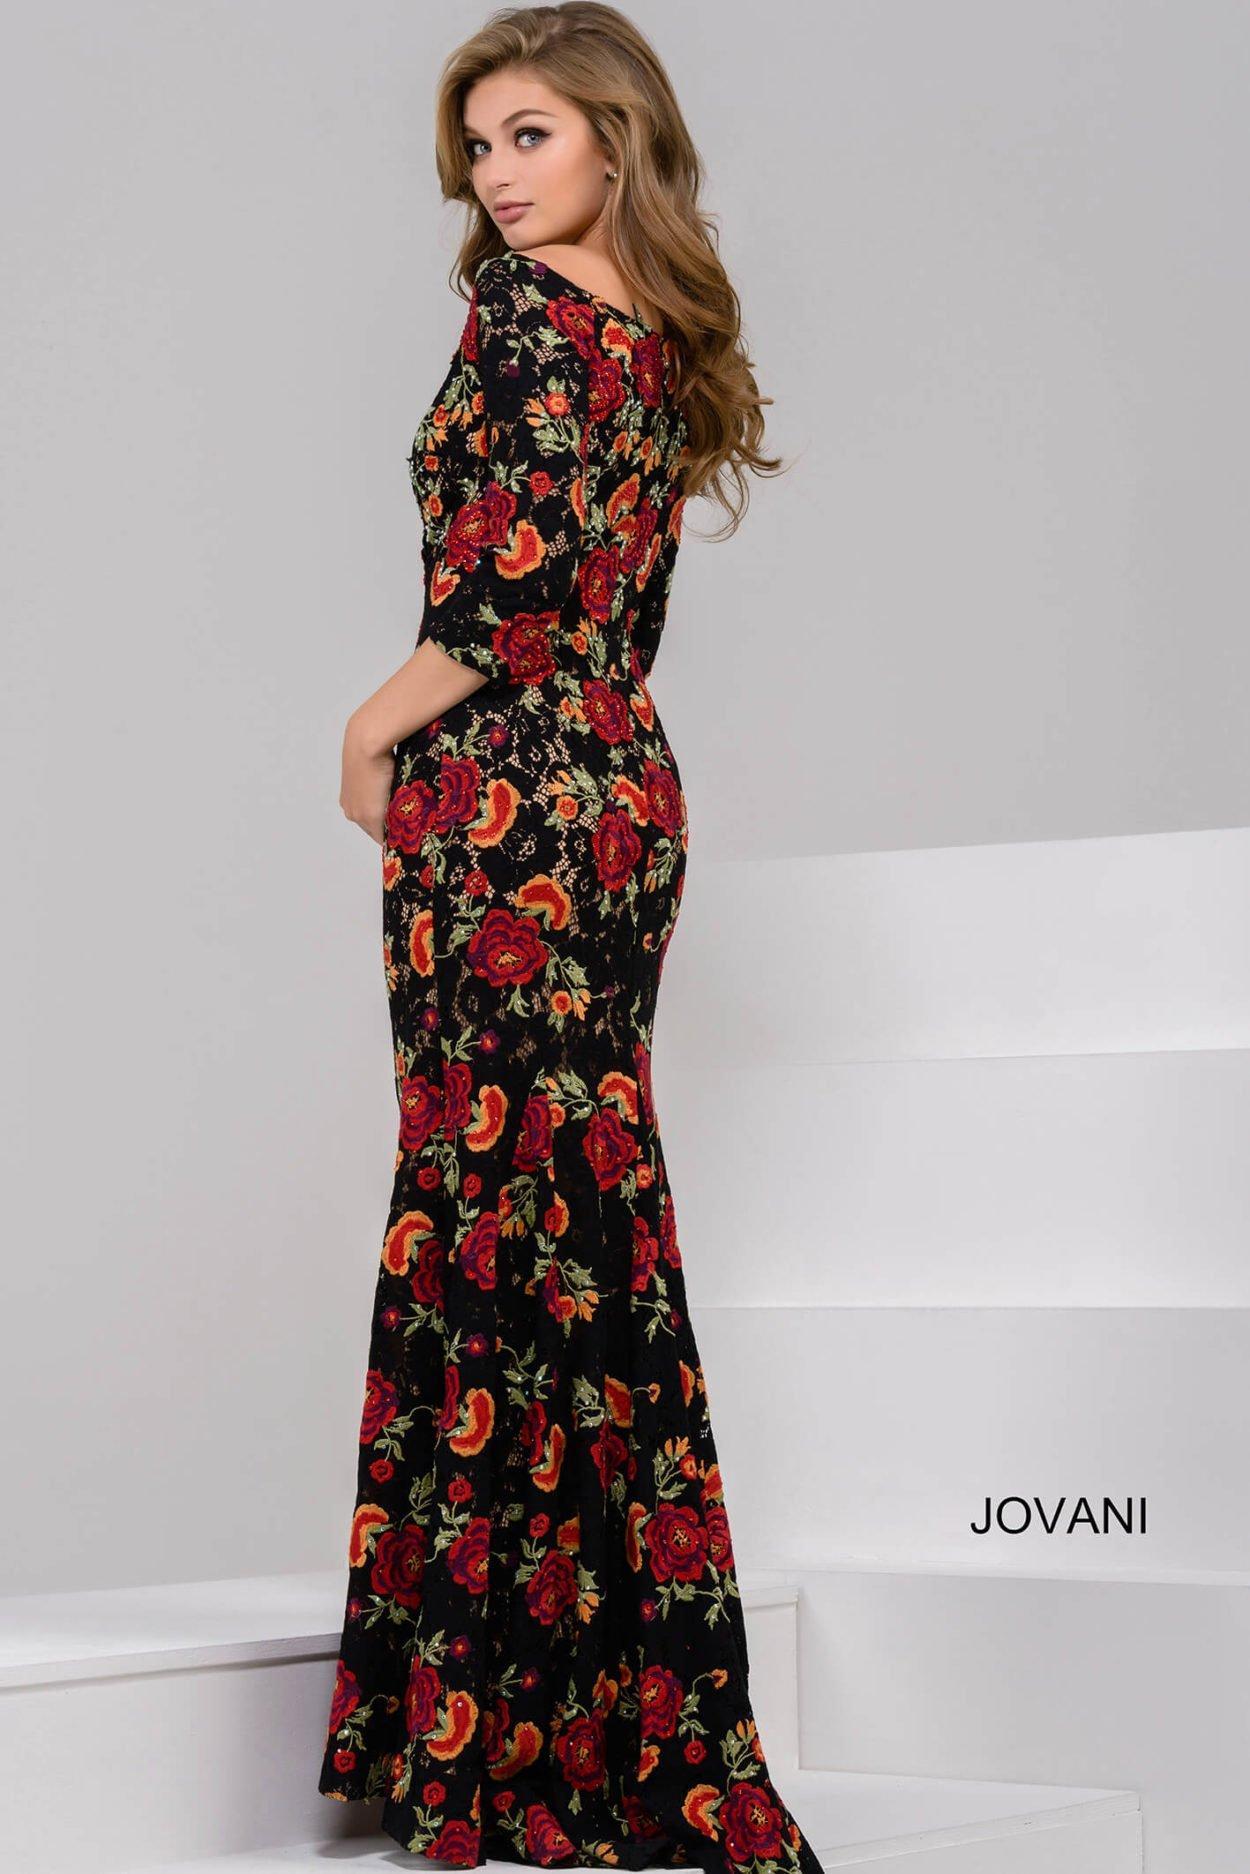 89fabcebf8980b5 Прямое вечернее платье с рукавом в три четверти и округлым декольте с  открытыми плечами.